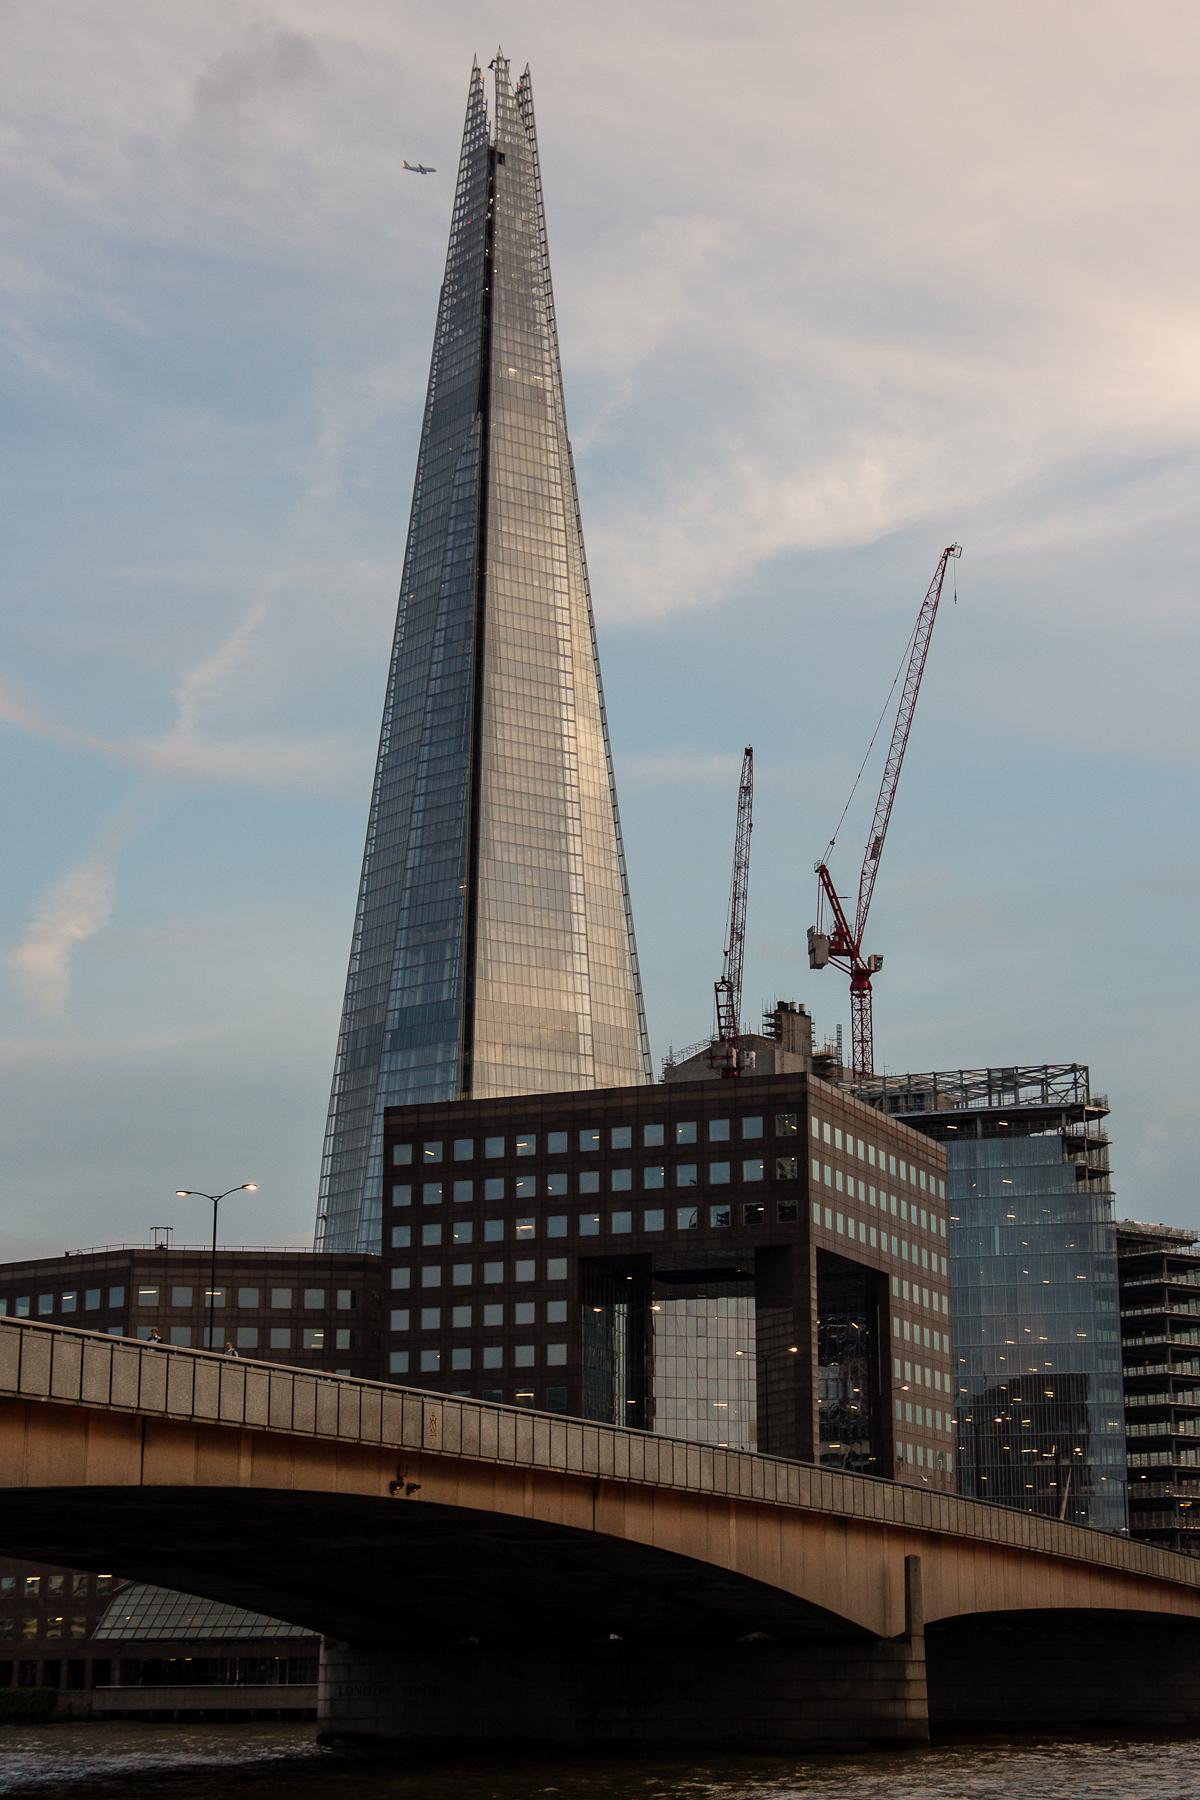 London Bridge Via @Atisgailis